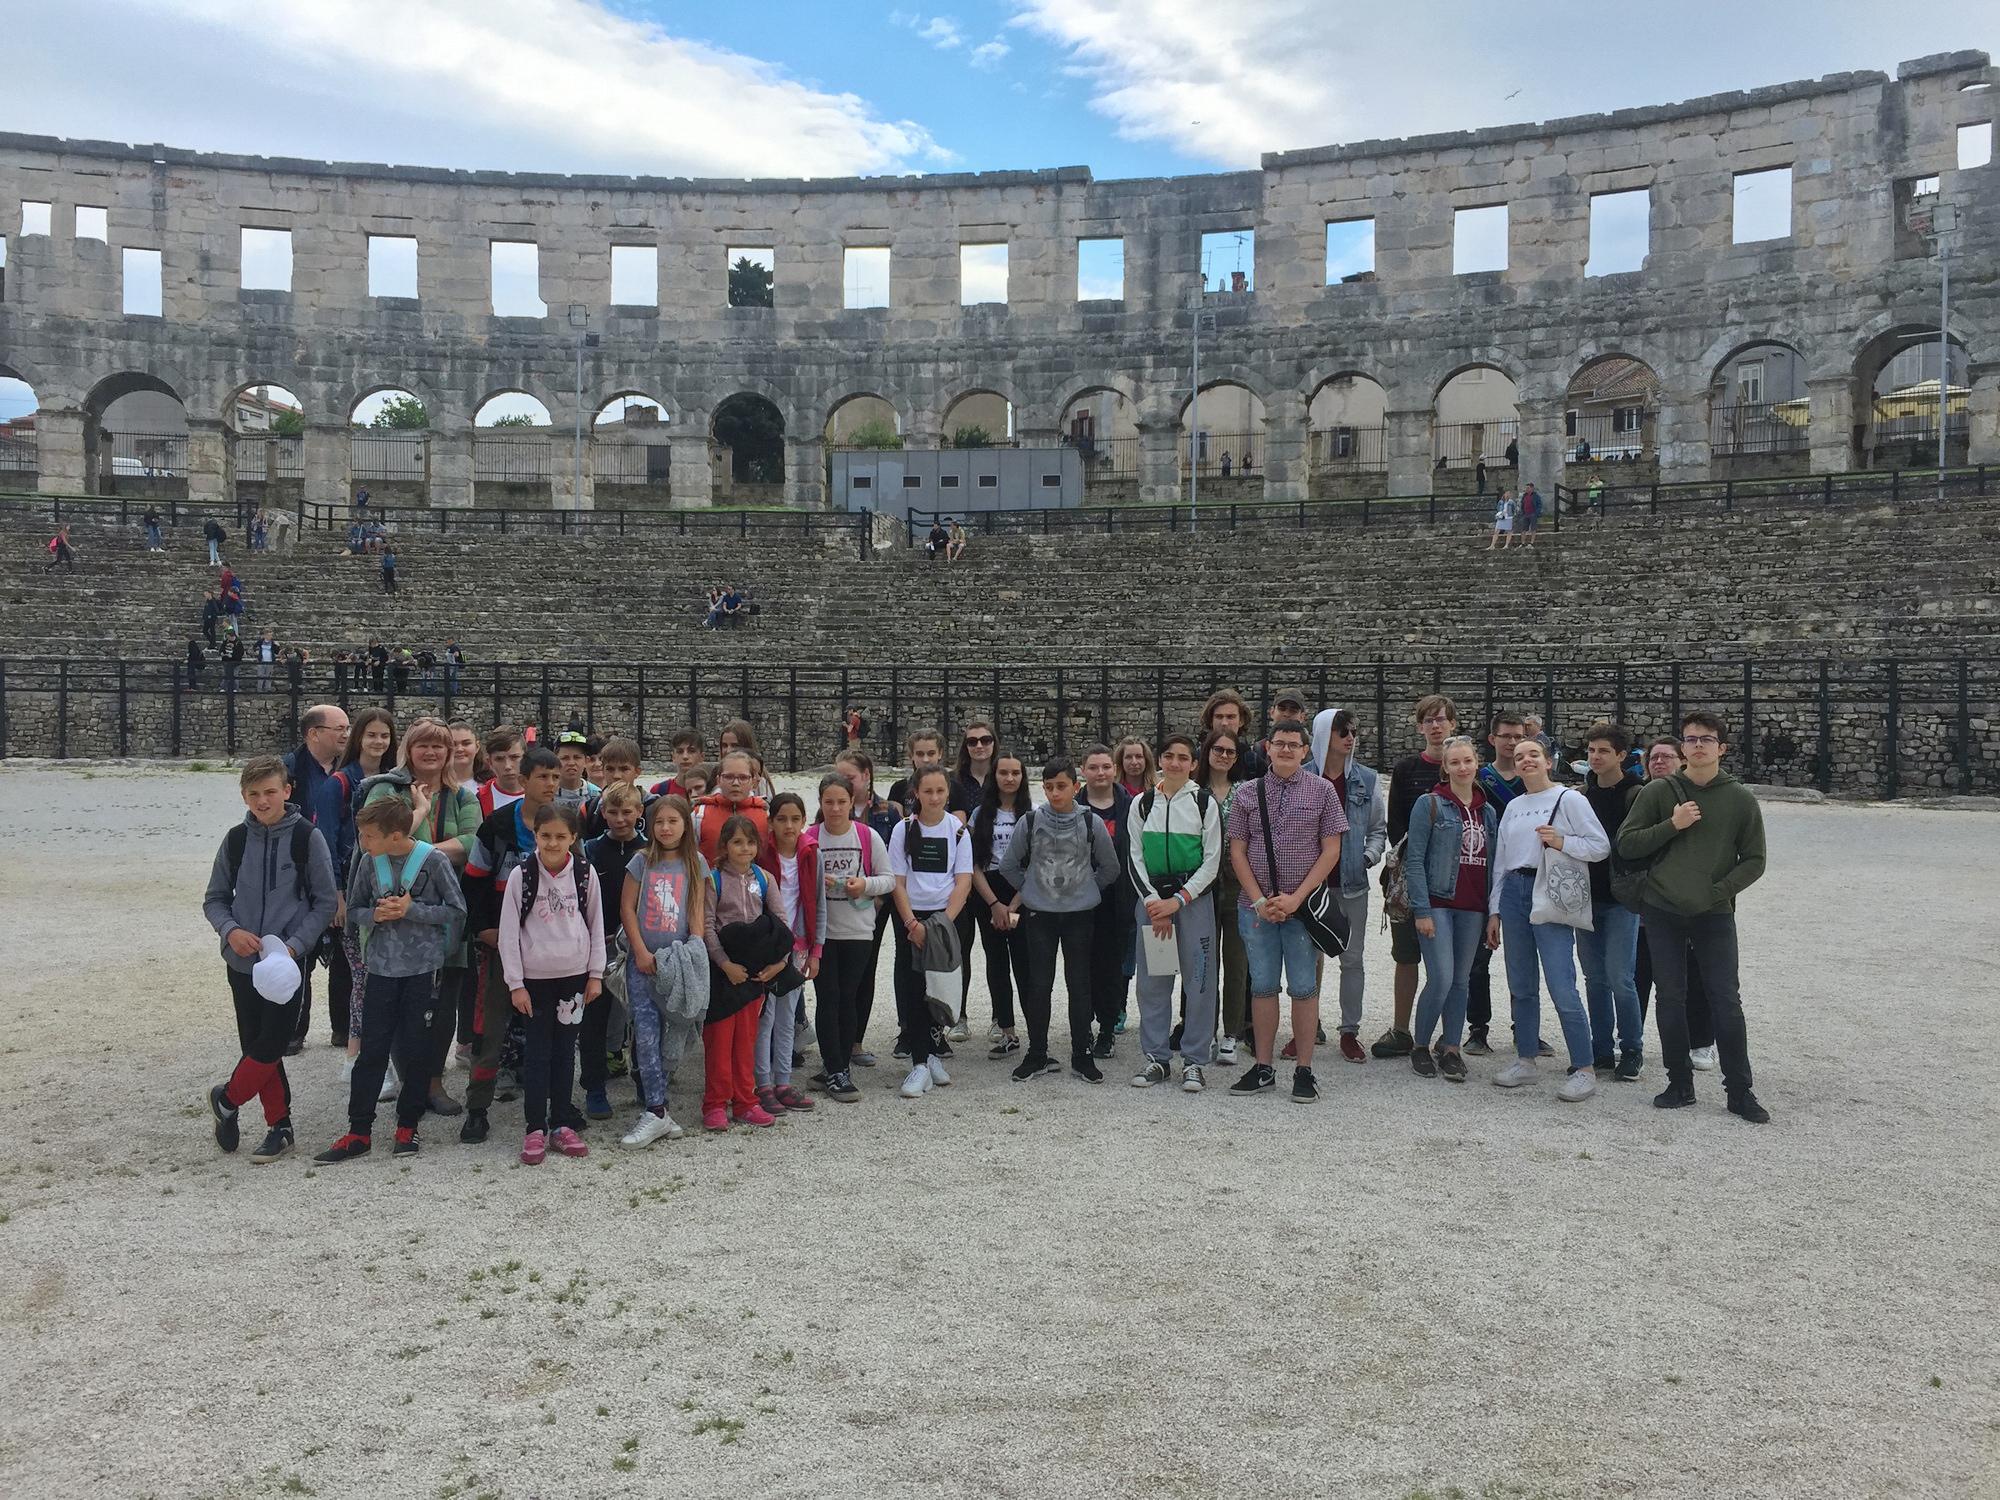 Drávaszögbe és a Tengermellékre kirándult a Pécsi Református Kollégium